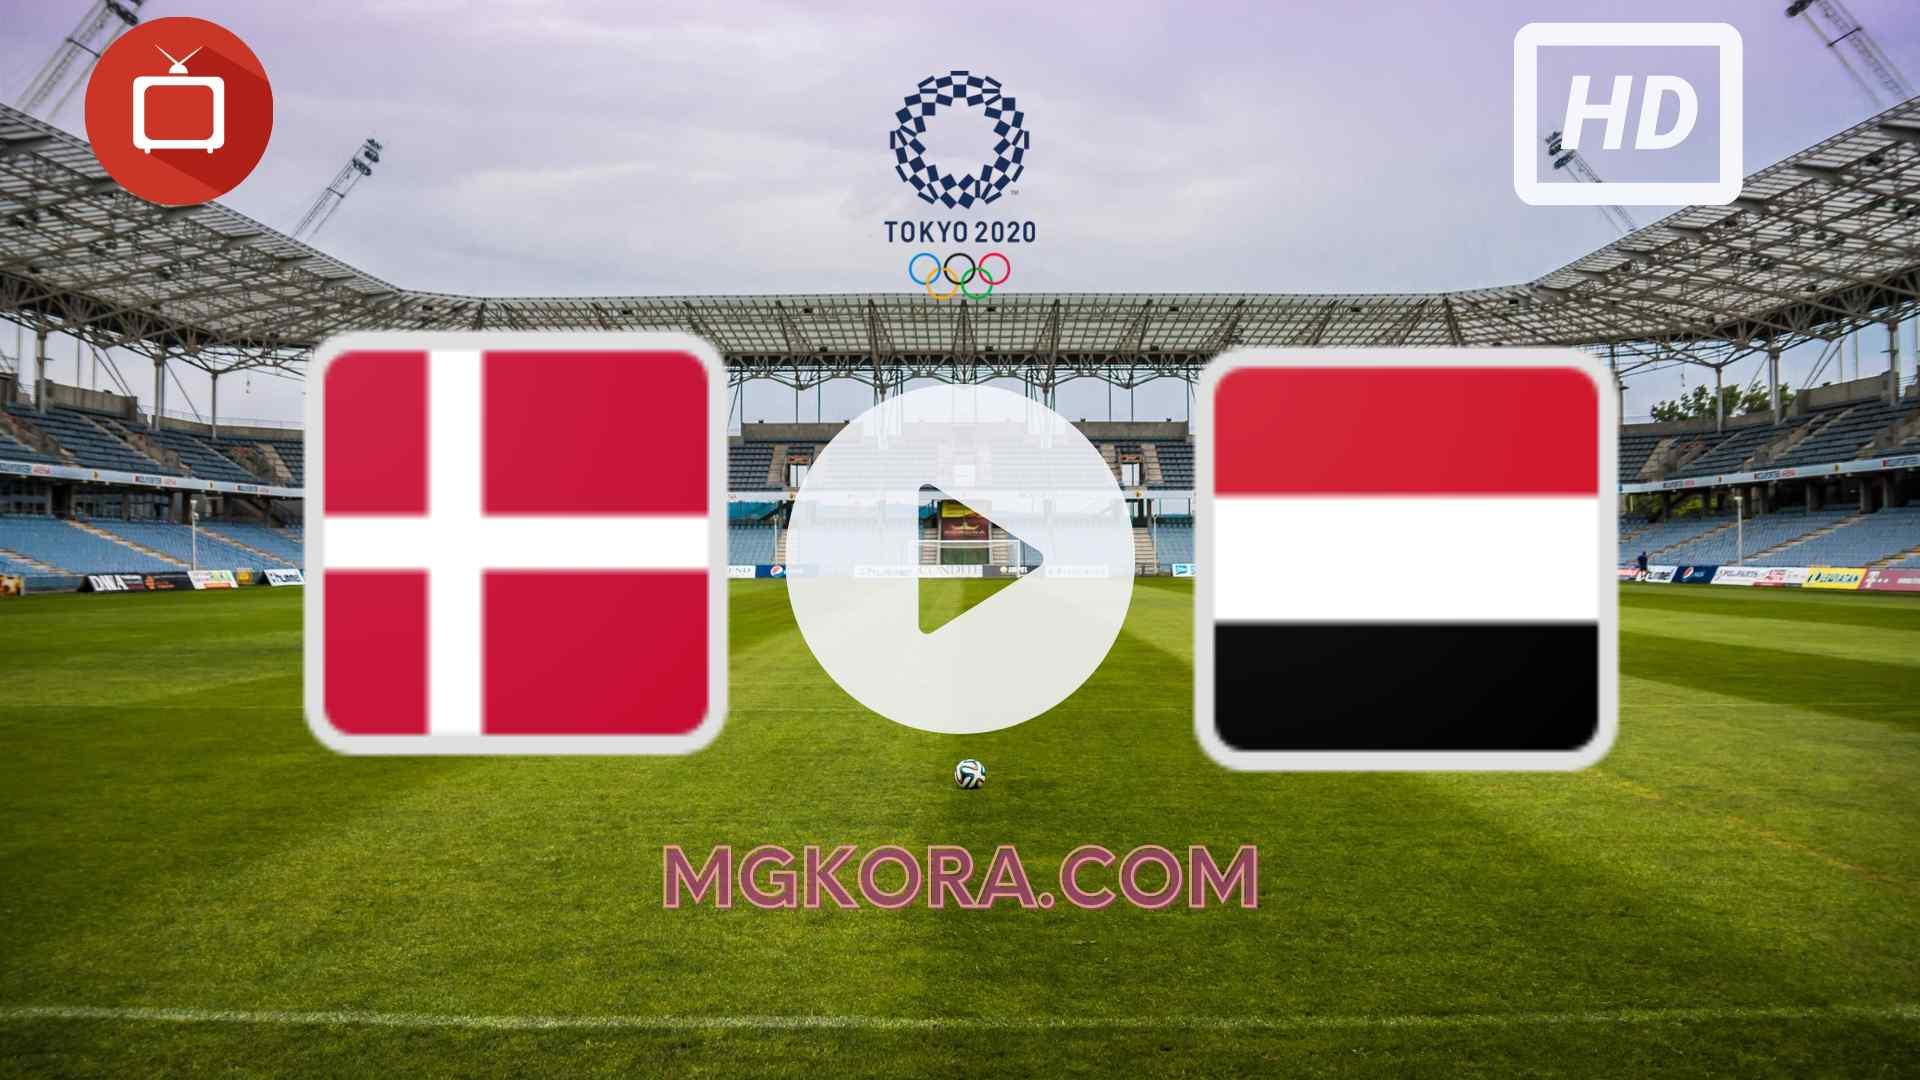 بث مباشر مباراة مصر والدنمارك لكرة اليد || مشاهدة مباراة مصر والدنمارك اليوم بث مباشر في أولمبياد طوكيو